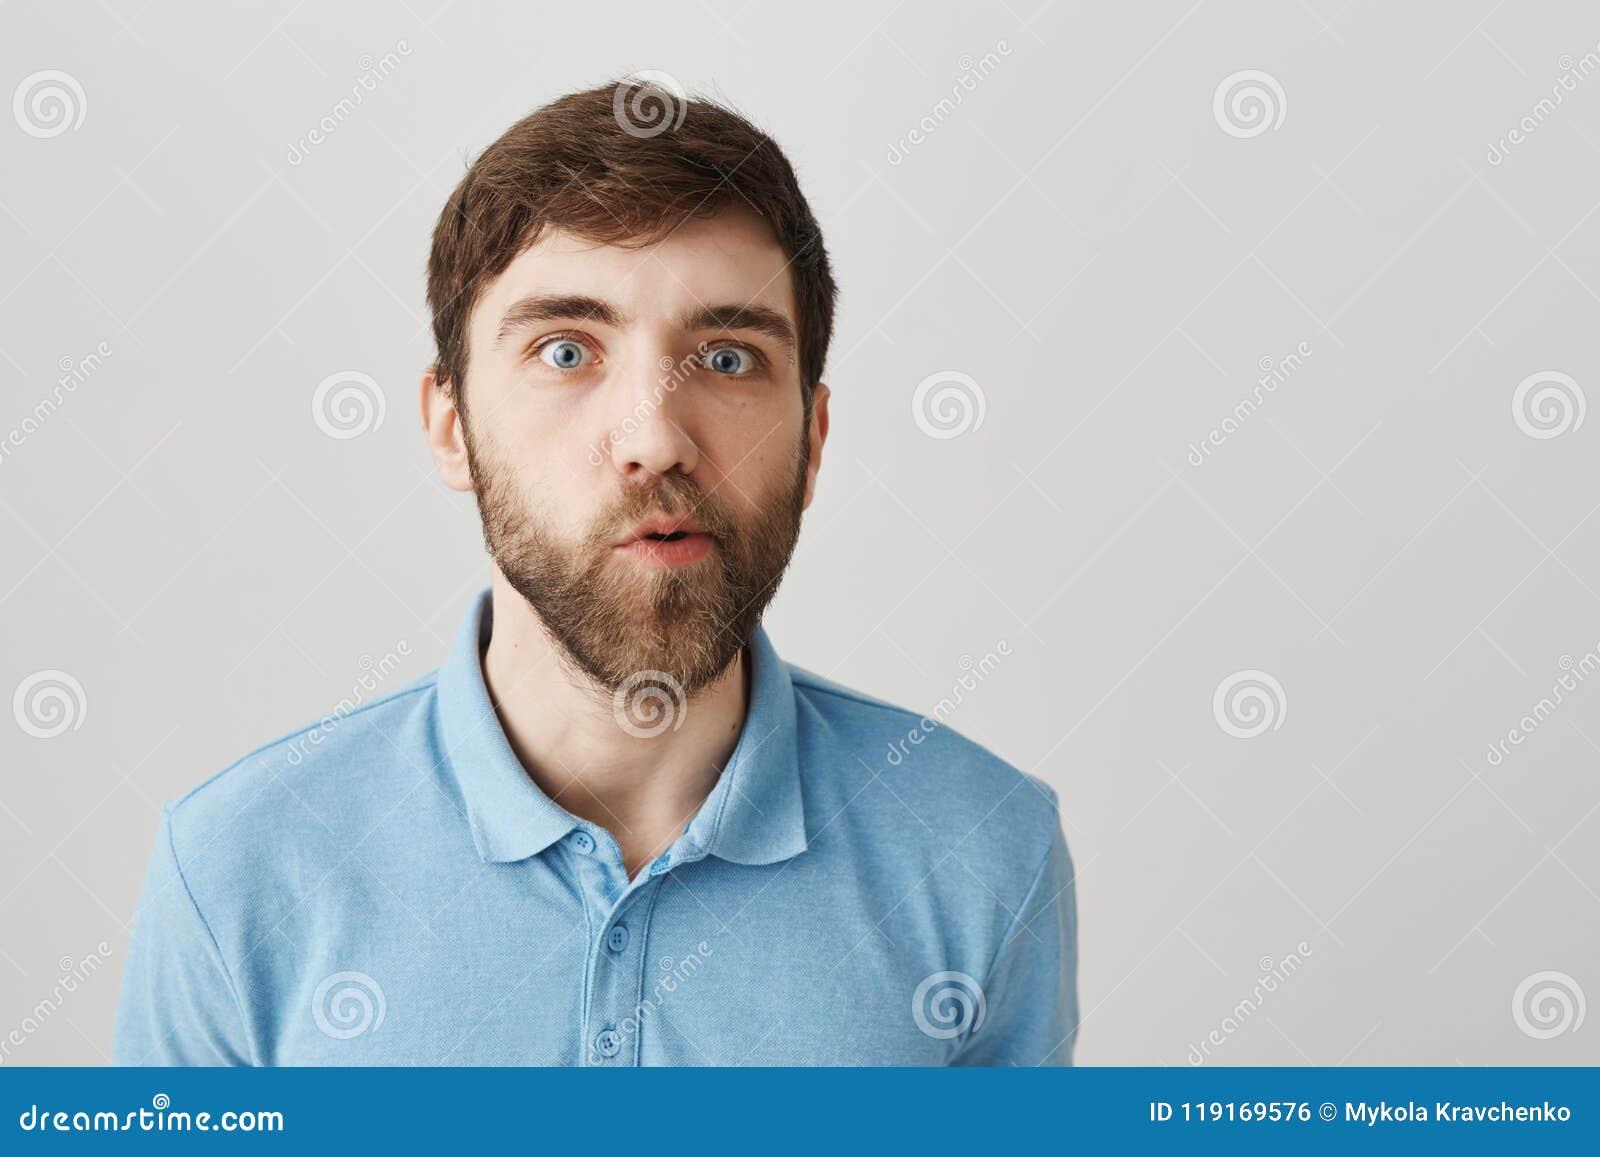 Du måste skoja Stående av den förvirrade gulliga skäggiga grabben som står med tvivelaktigt och ifrågasatt uttryck, flyttande käk